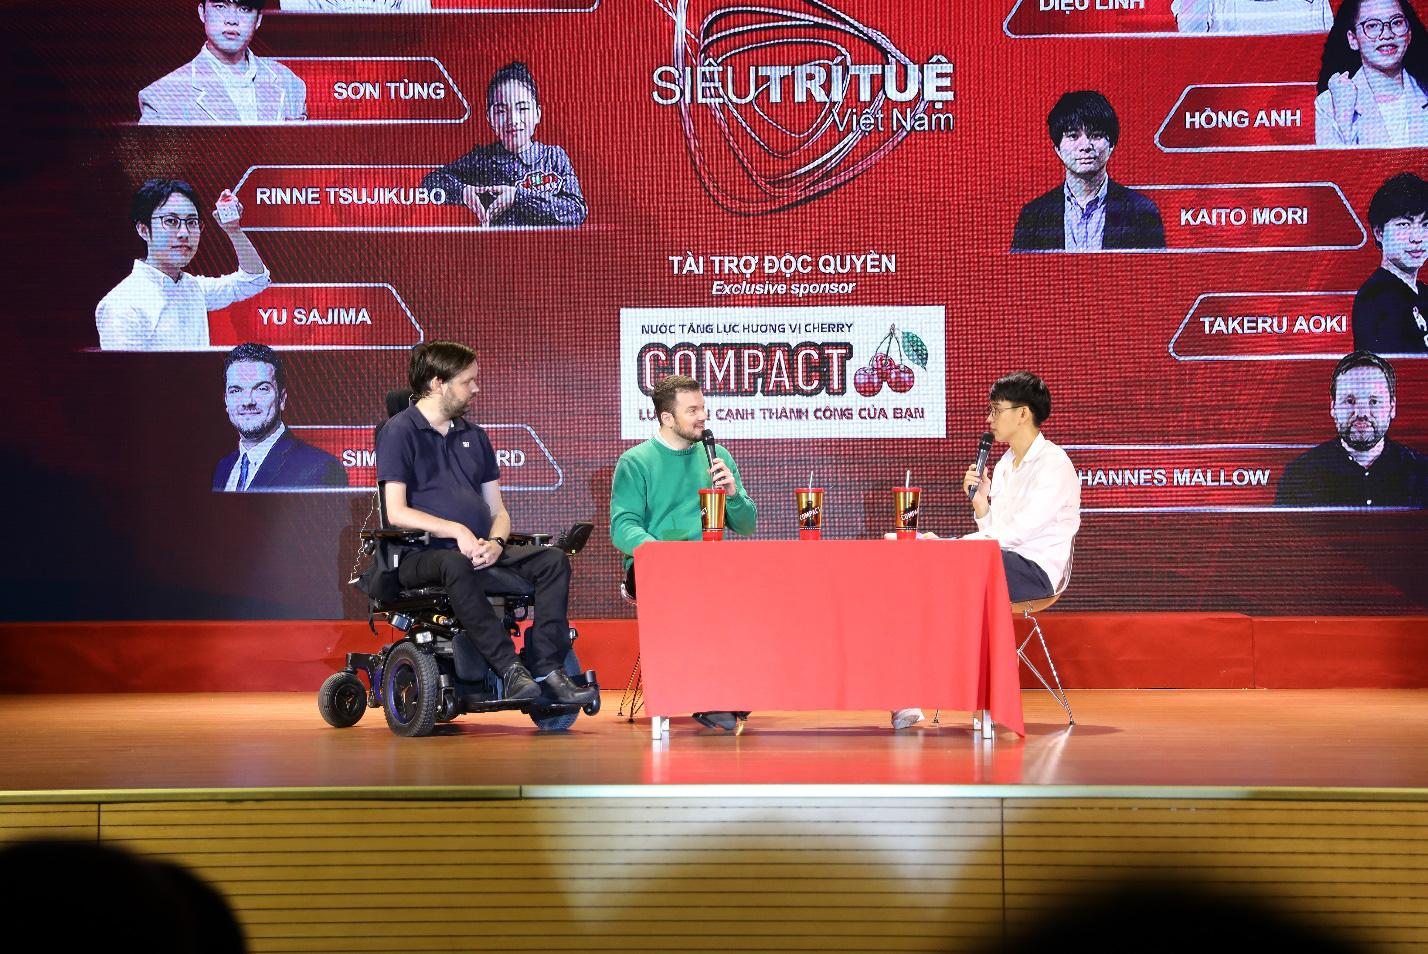 Dàn siêu trí tuệ quốc tế và Việt Nam bất ngờ hội ngộ khiến fan Việt vỡ òa - Ảnh 7.